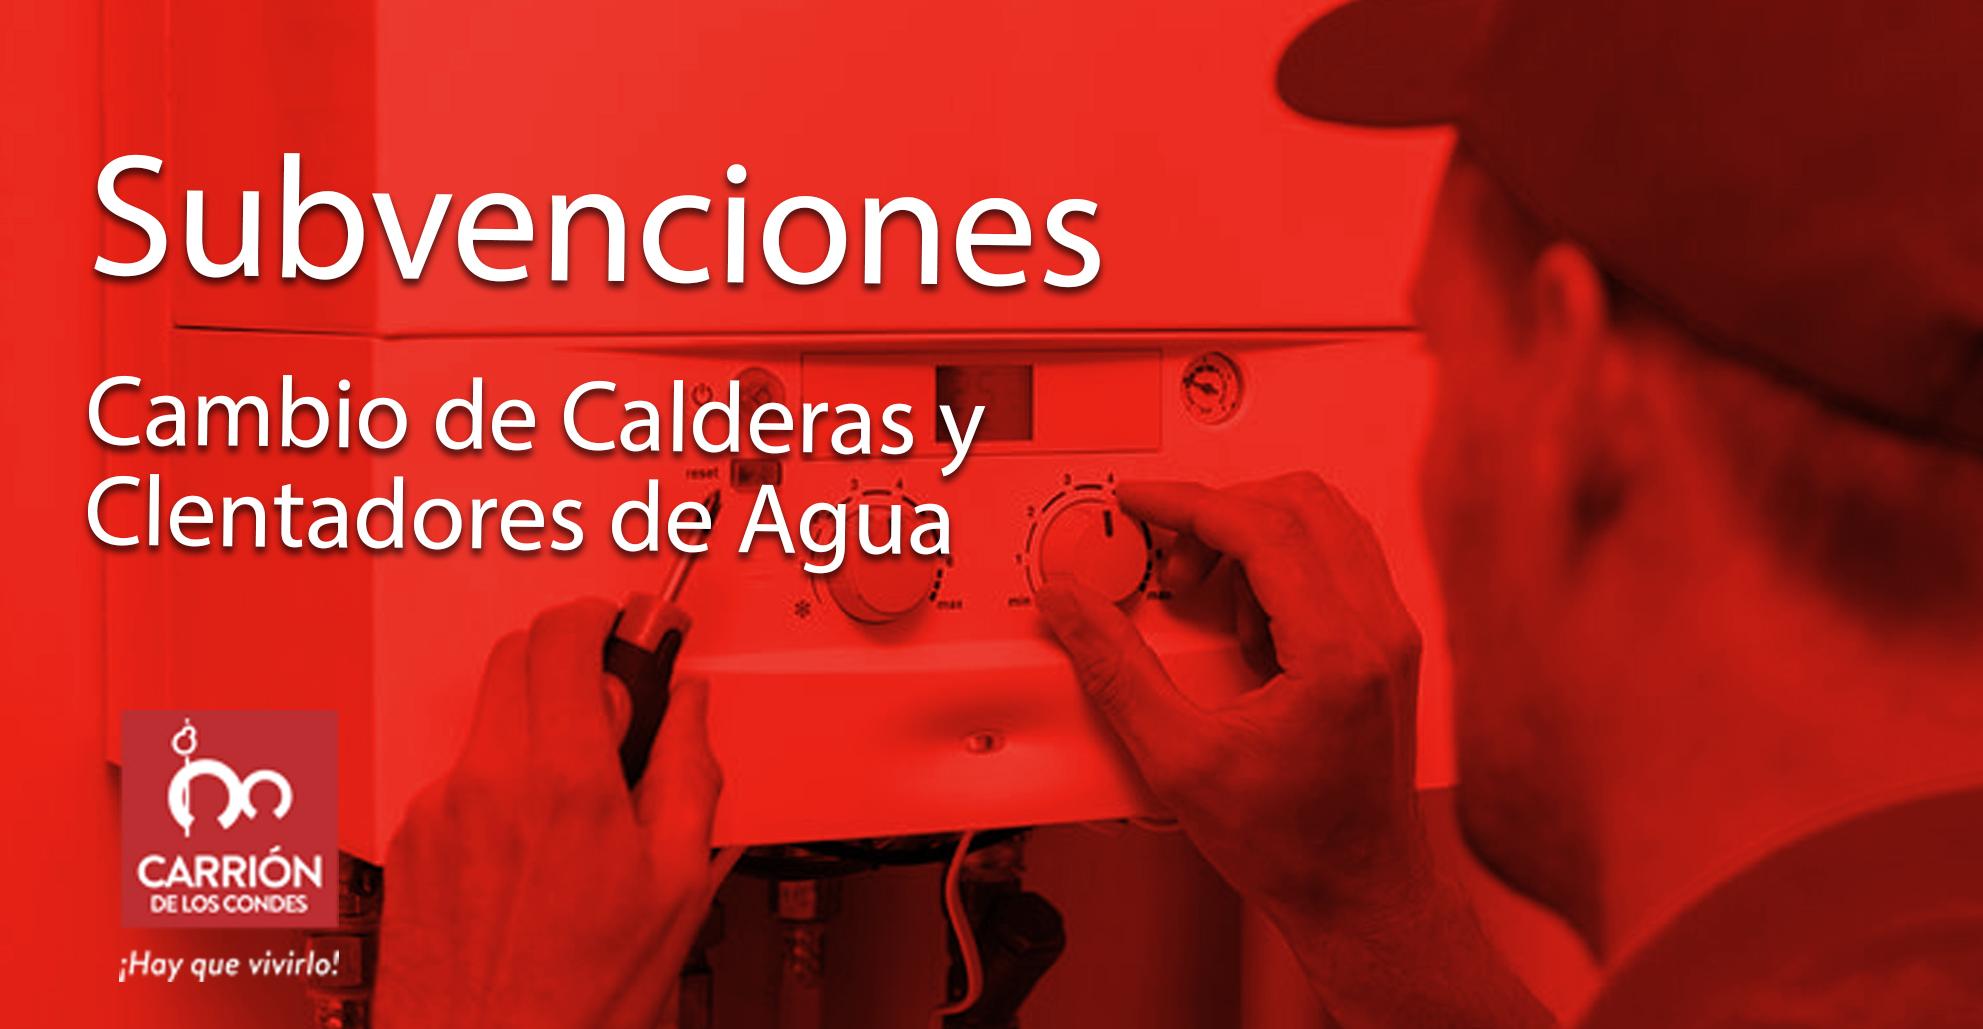 SUBVENCIONES DIRIGIDAS A SUSTITUCIÓN DE CALDERAS Y CALENTADORES INDIVIDUALES DE MÁS DE DIEZ AÑOS (2018)